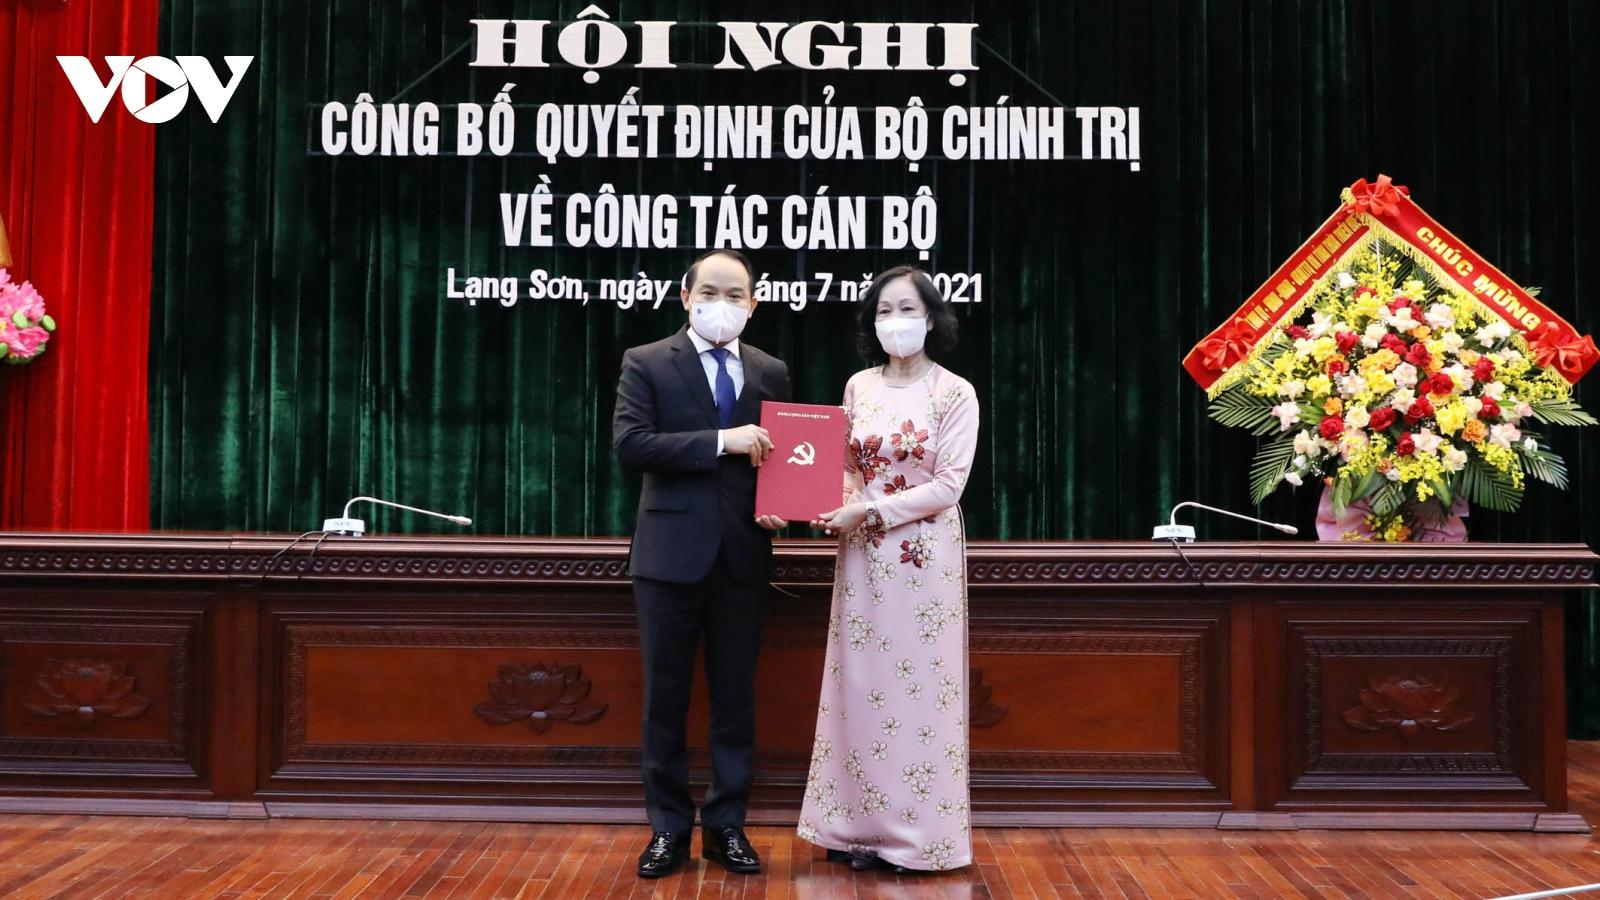 Ông Nguyễn Quốc Đoàn được điều động làm Bí thư Tỉnh uỷ Lạng Sơn